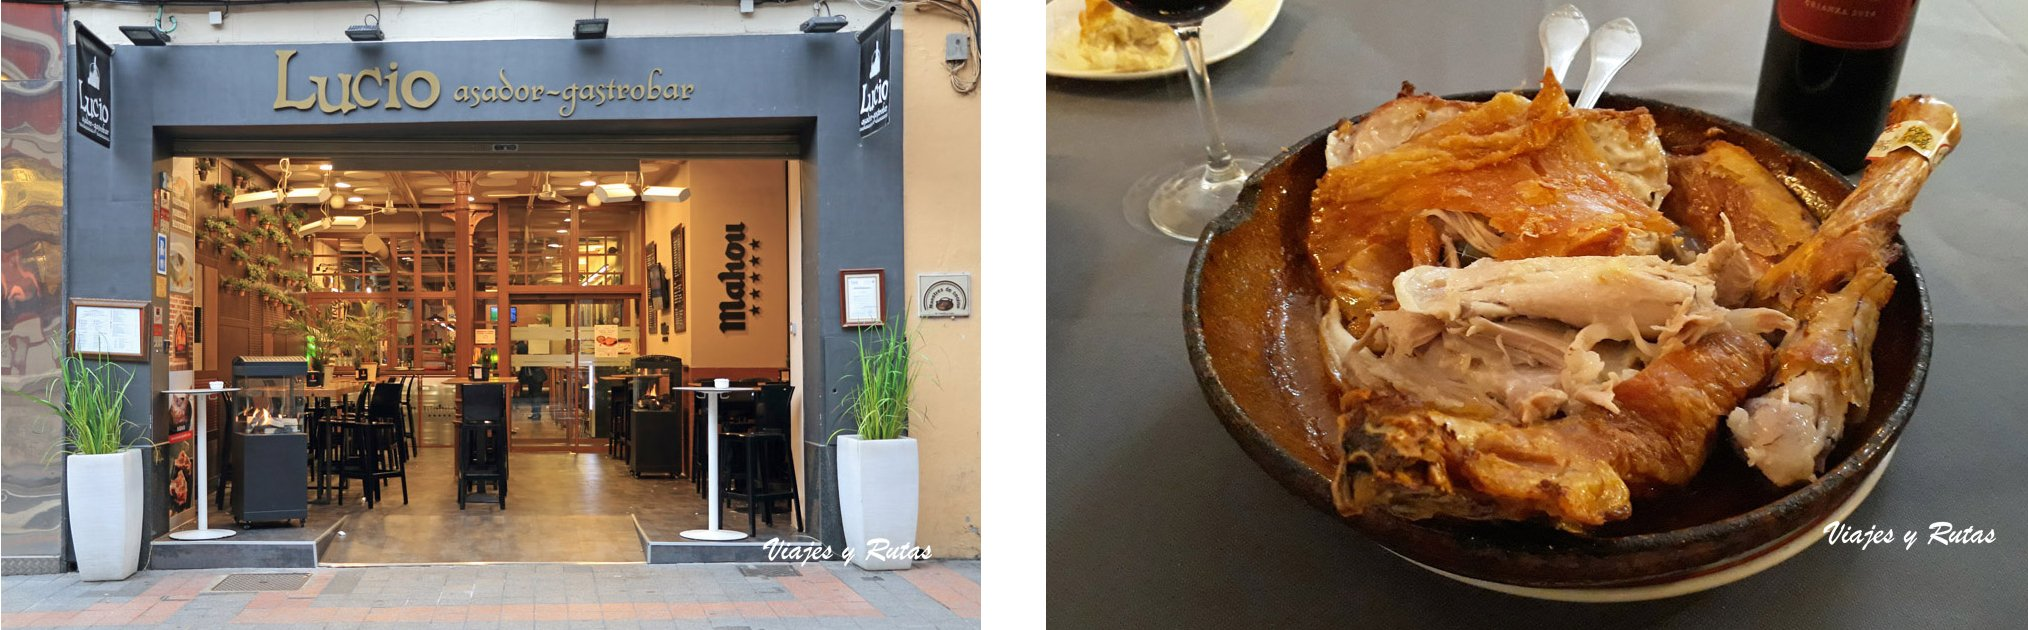 Restaurante casa Lucio, Palencia